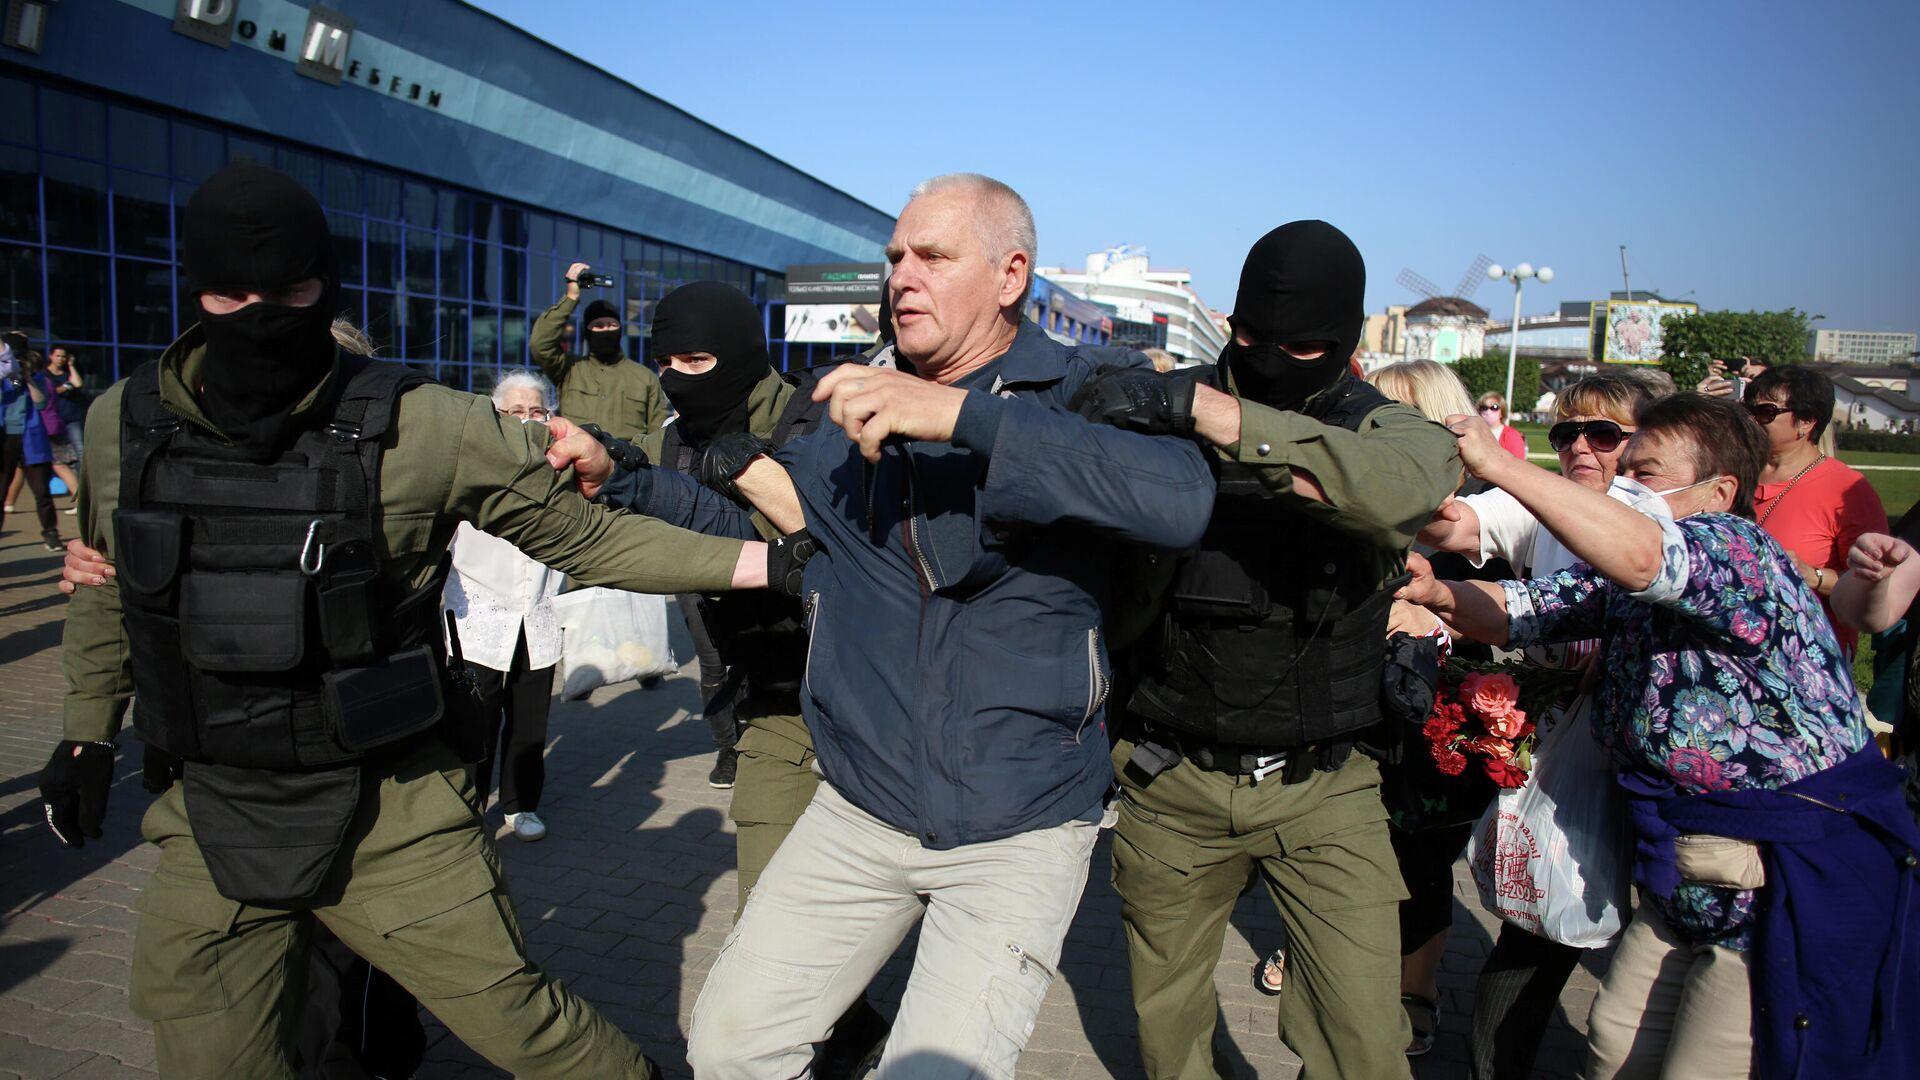 Сотрудники правоохранительных органов задерживают мужчину у во время митинга оппозиции в Минске - РИА Новости, 1920, 26.09.2020